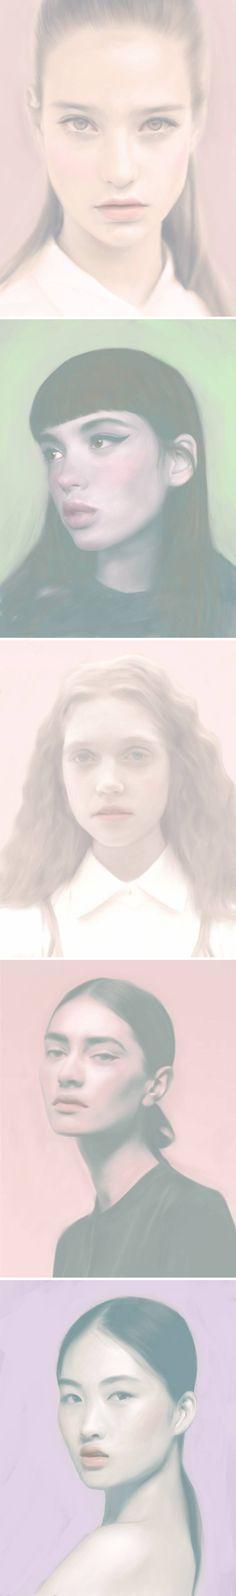 The Jealous Curator /// curated contemporary art  /// amelia millard